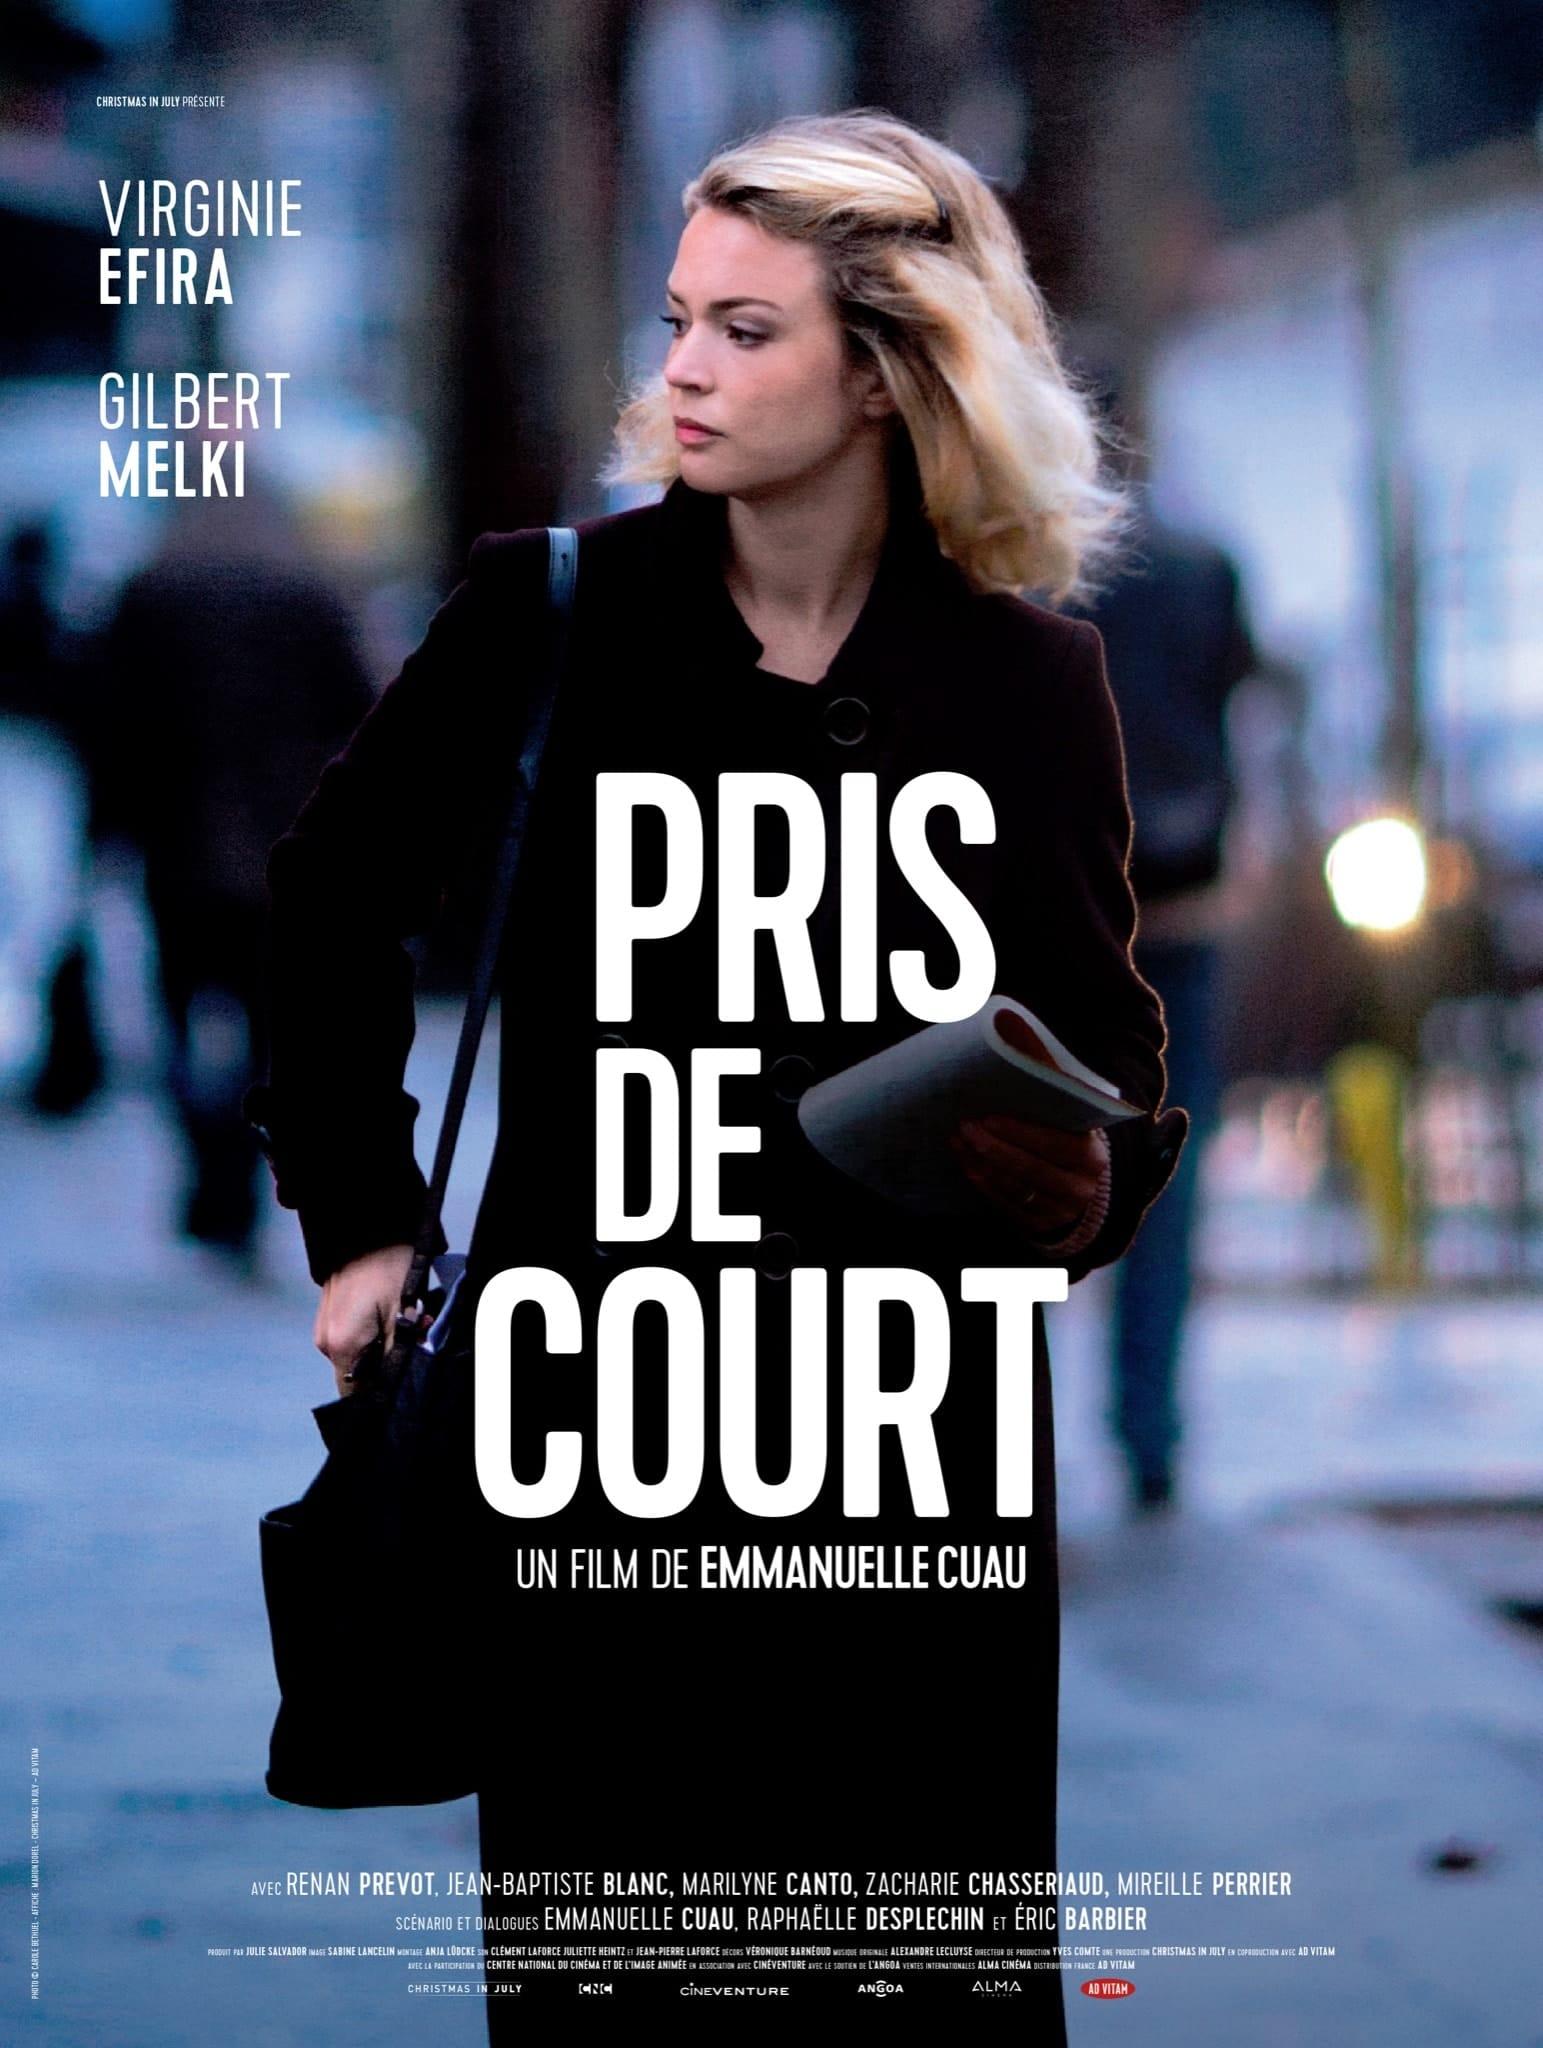 AFFICHE PRIS DE COURT